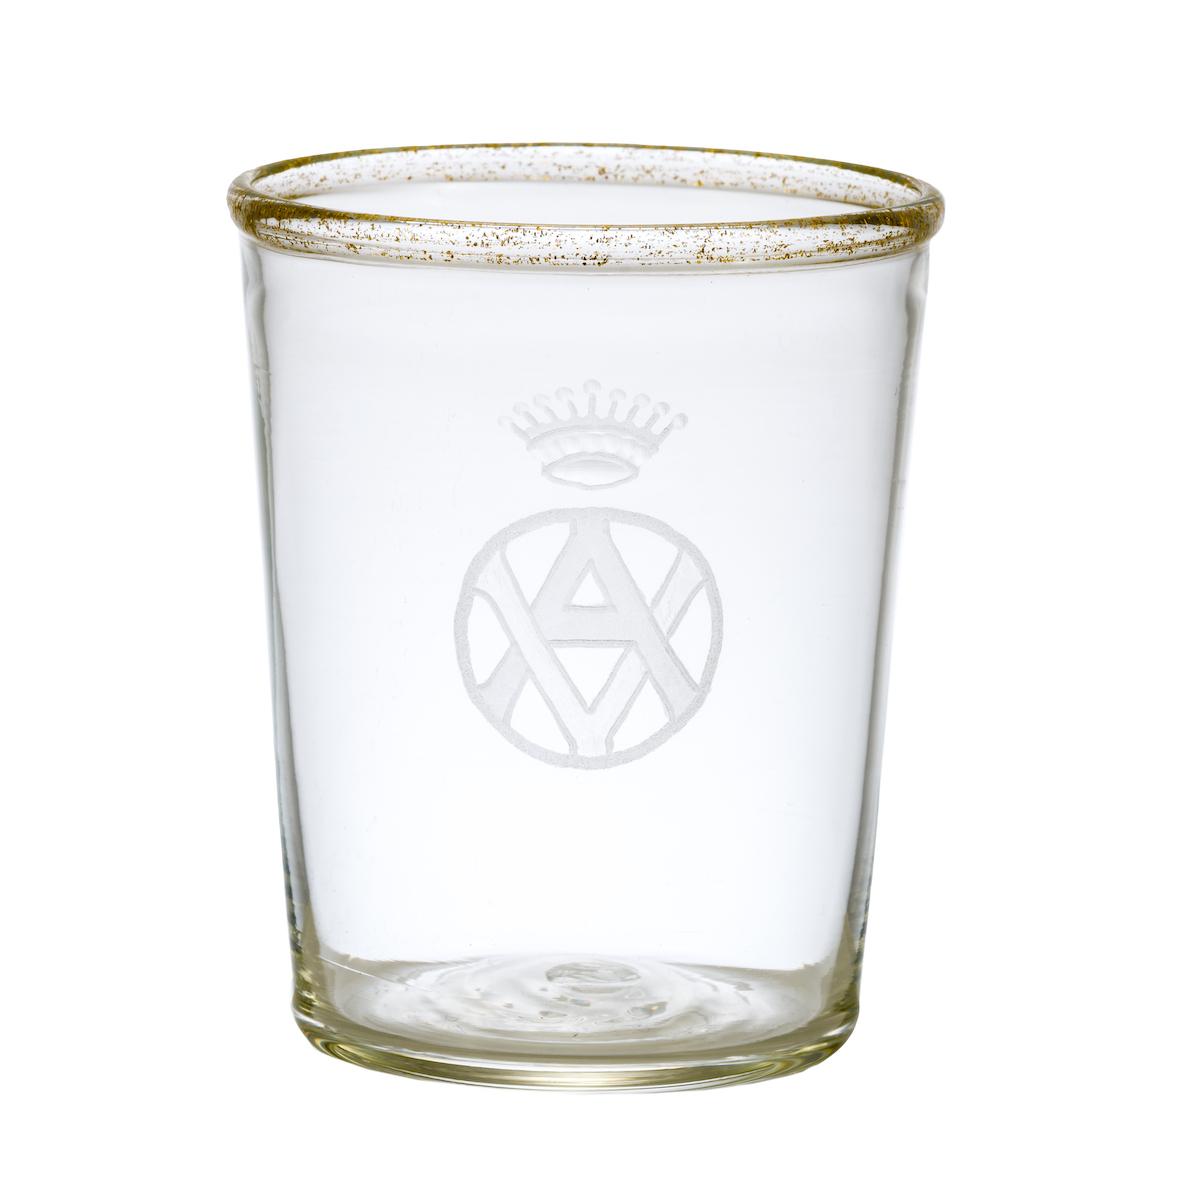 av-wine-glass-murano-engraving